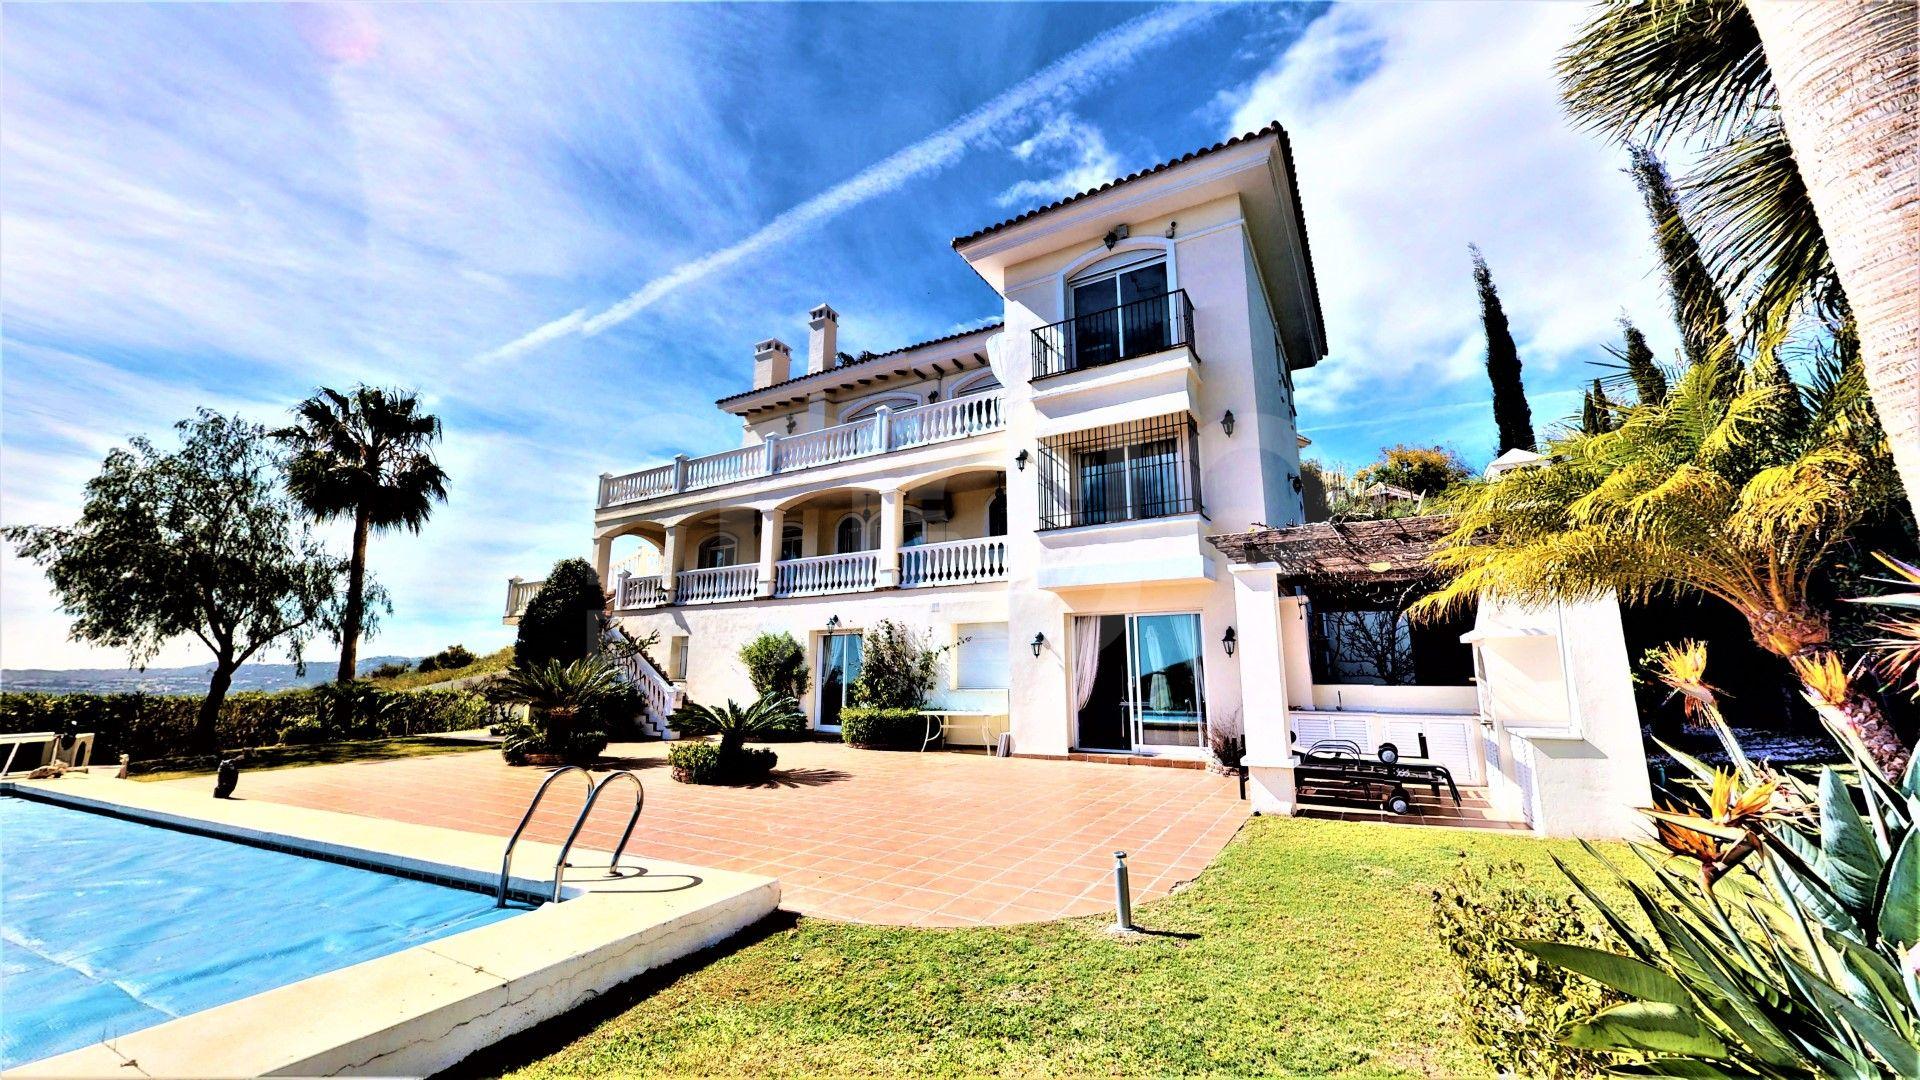 Villa for sale in Valtocado, Mijas